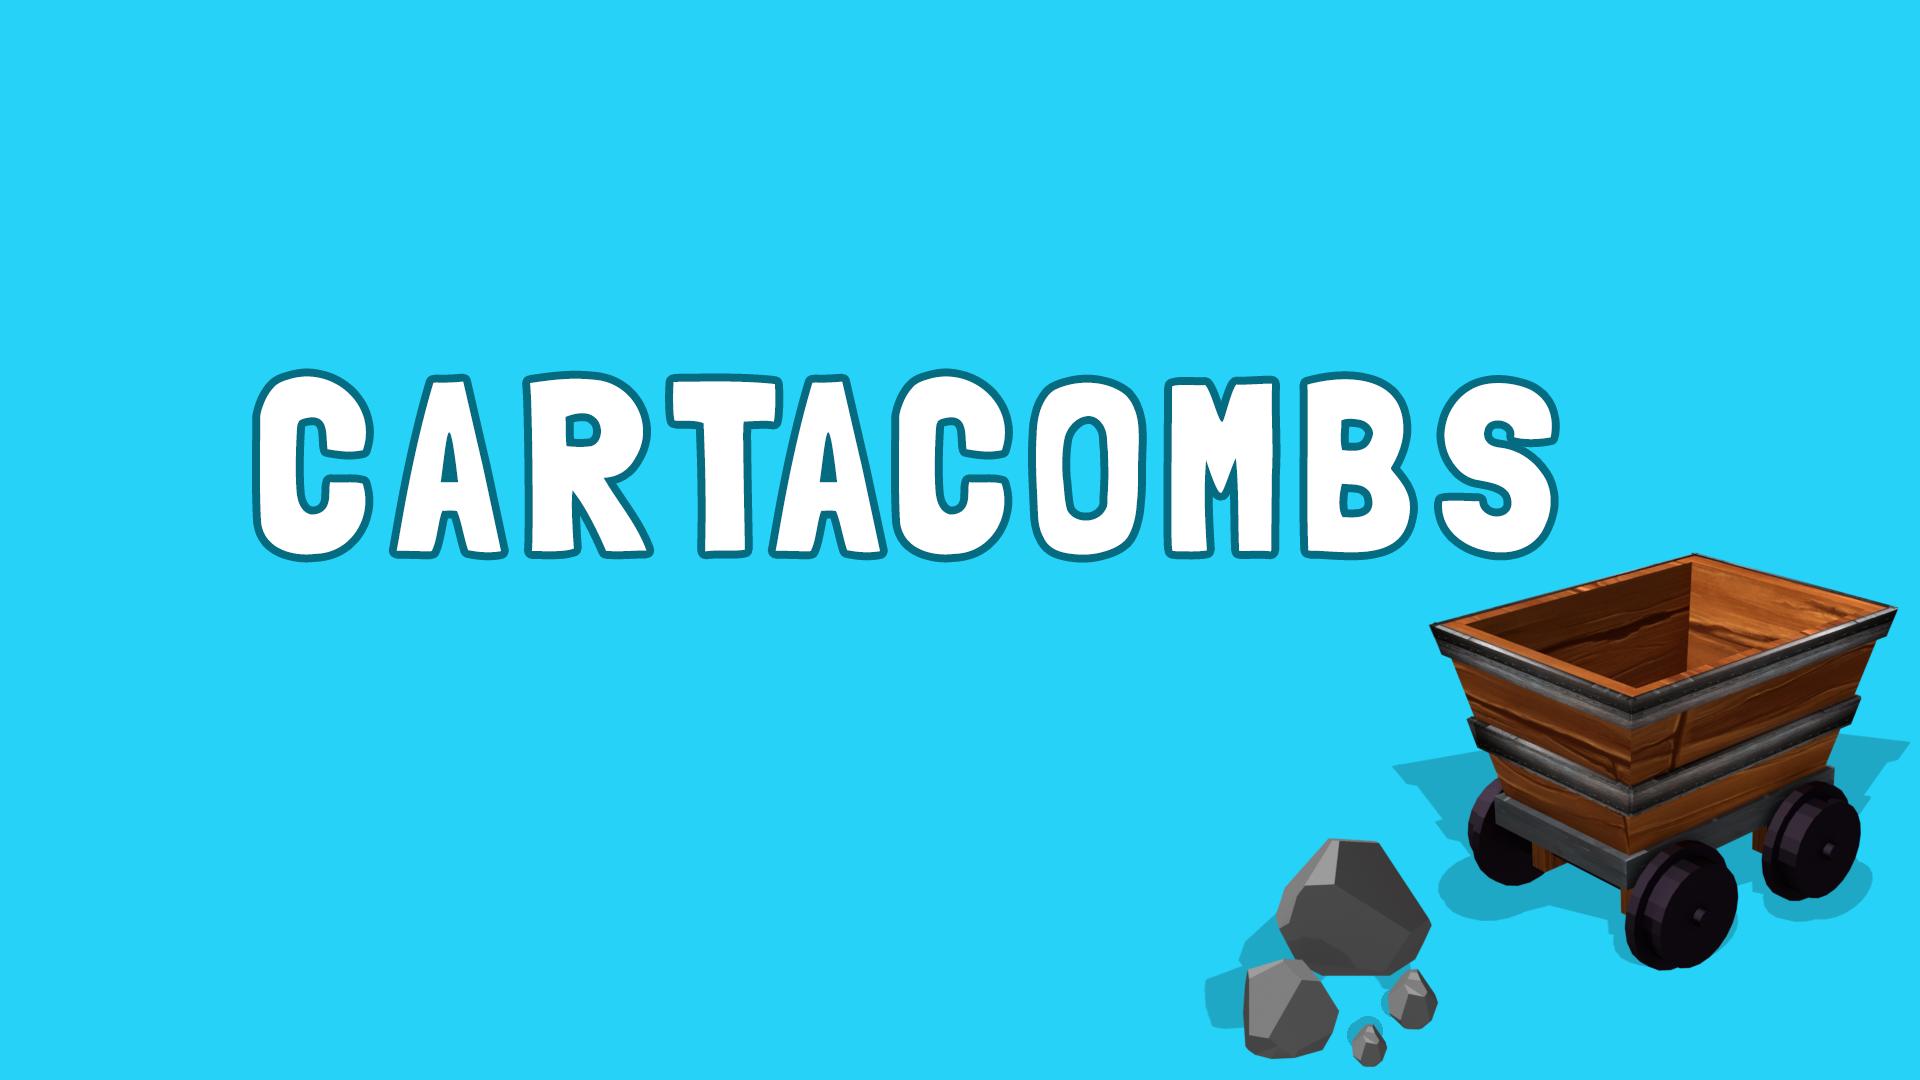 Cartacombs